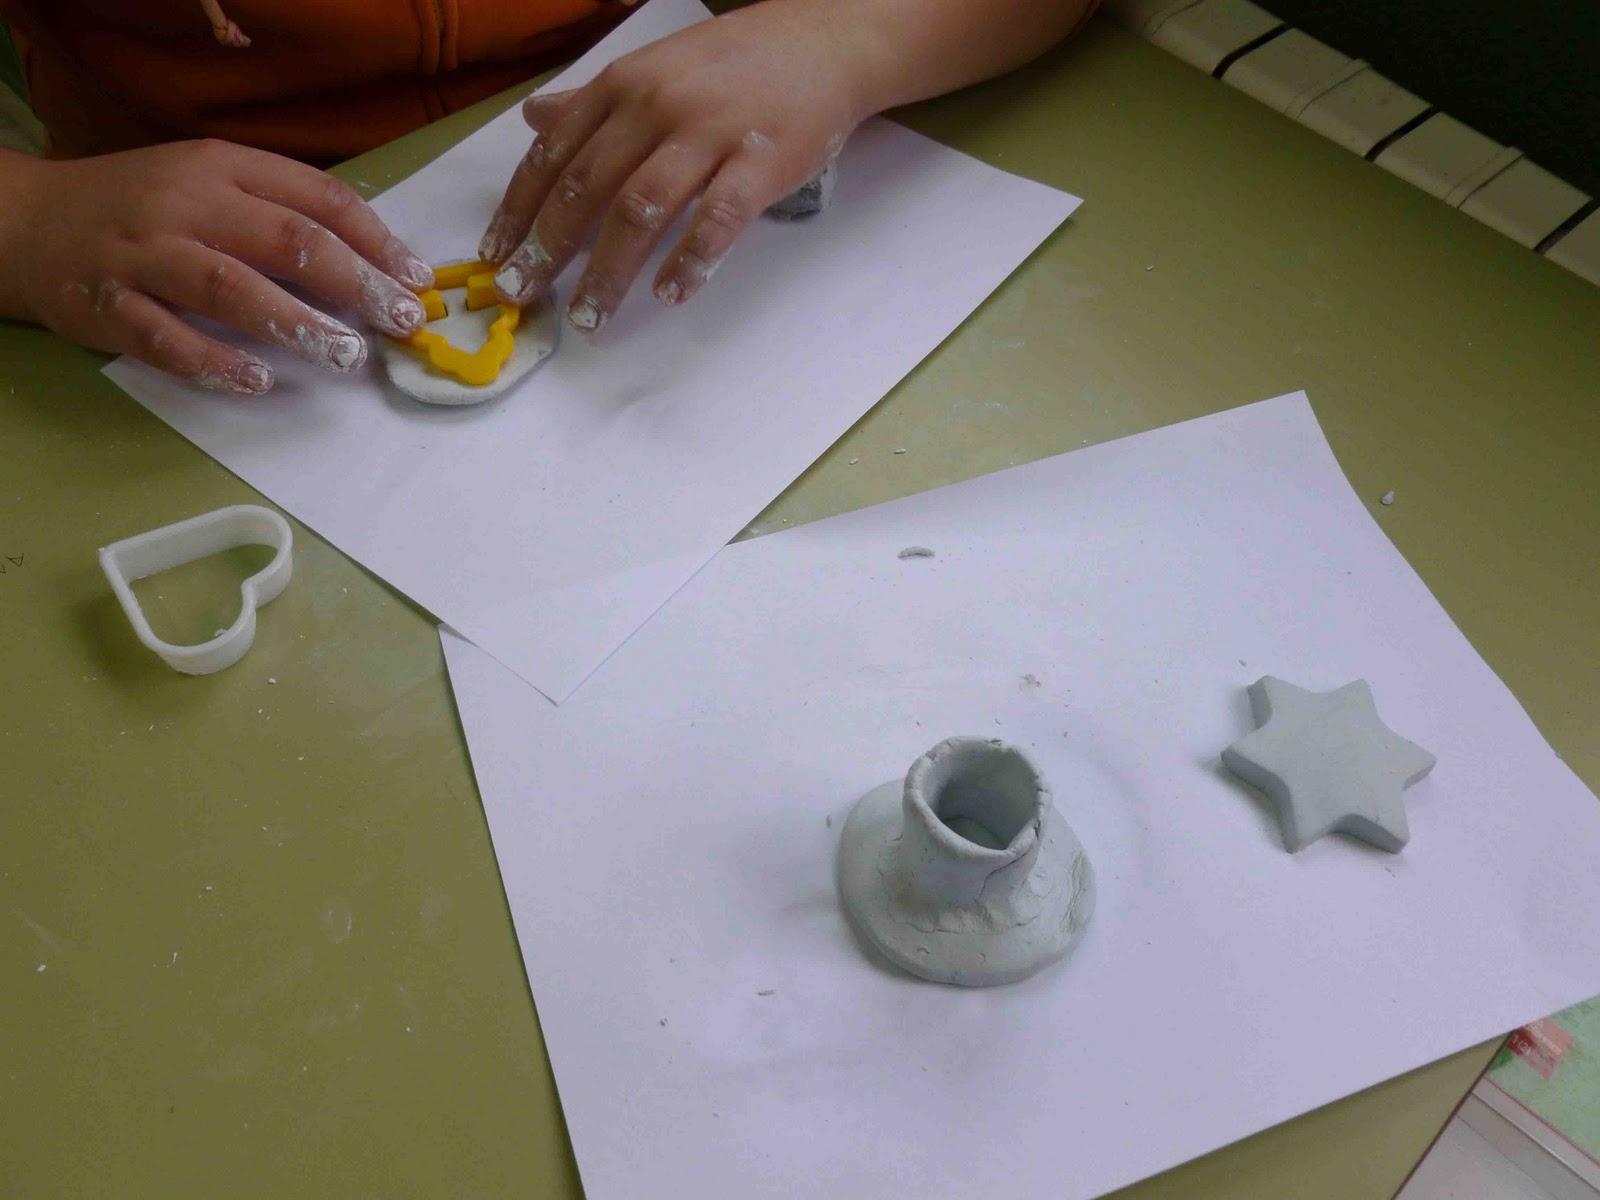 C e i p juan xxiii las lumbreras monteagudo manualidades - Pasta para modelar manualidades ...